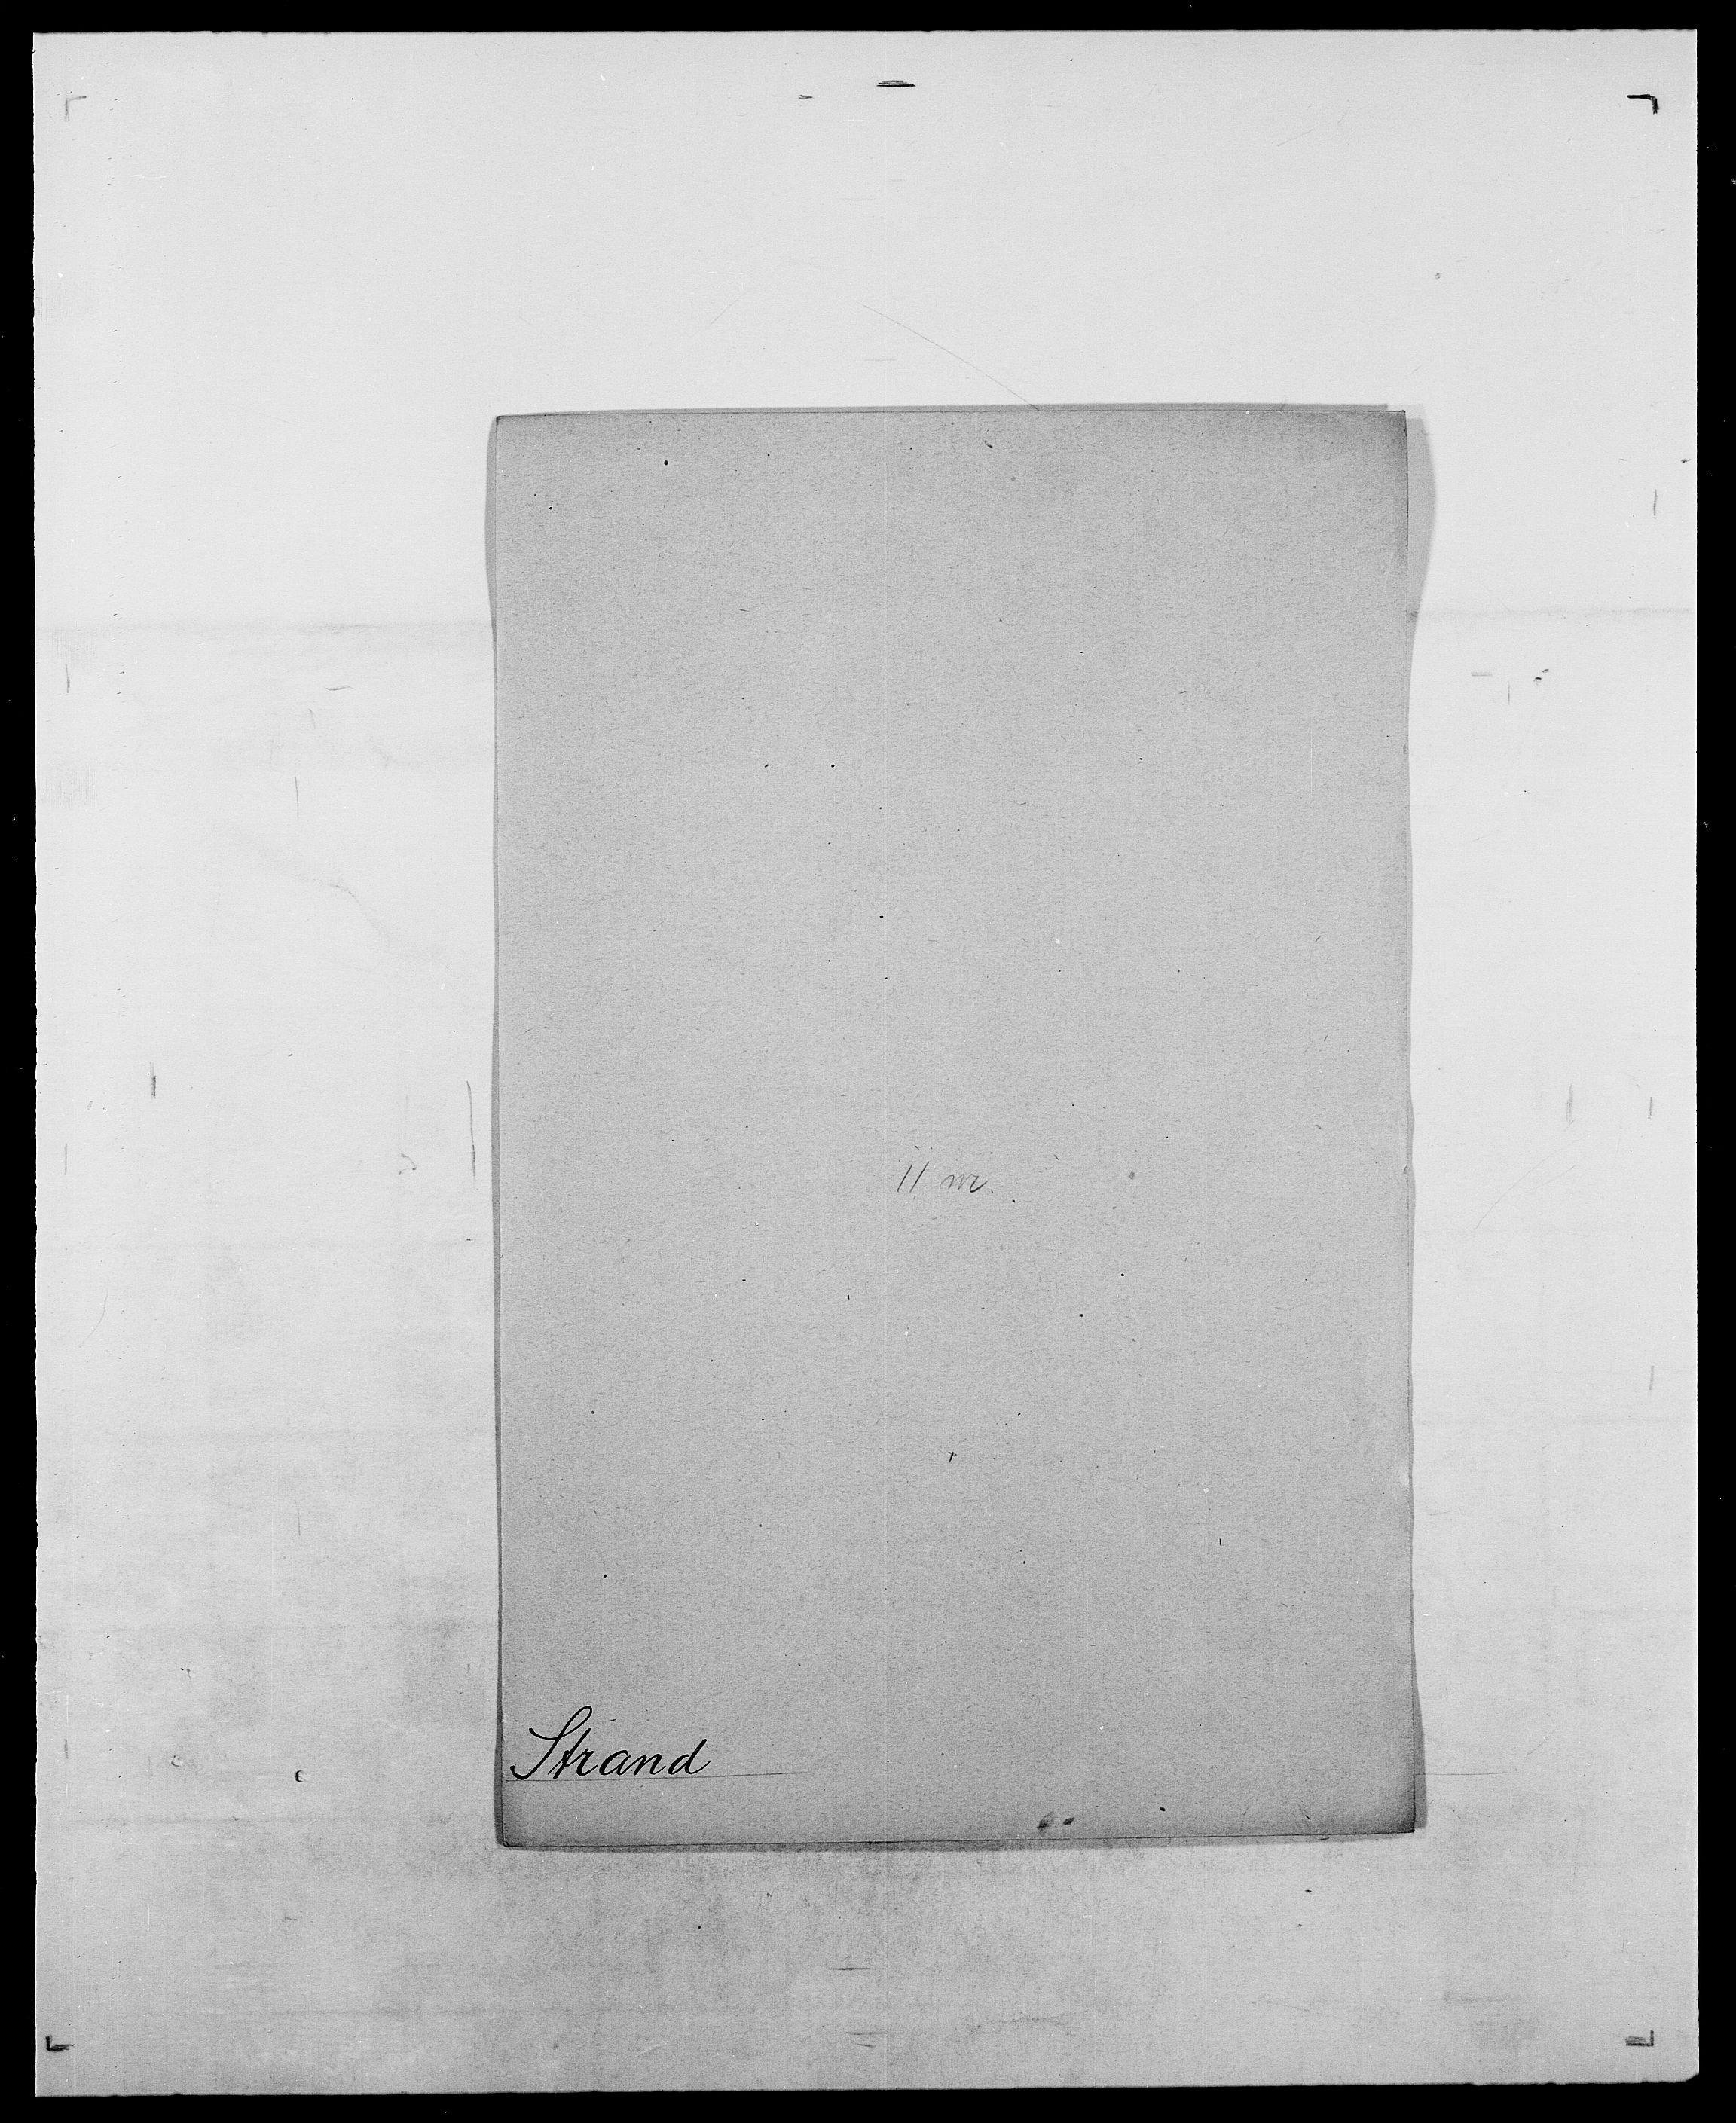 SAO, Delgobe, Charles Antoine - samling, D/Da/L0037: Steen, Sthen, Stein - Svare, Svanige, Svanne, se også Svanning og Schwane, s. 557